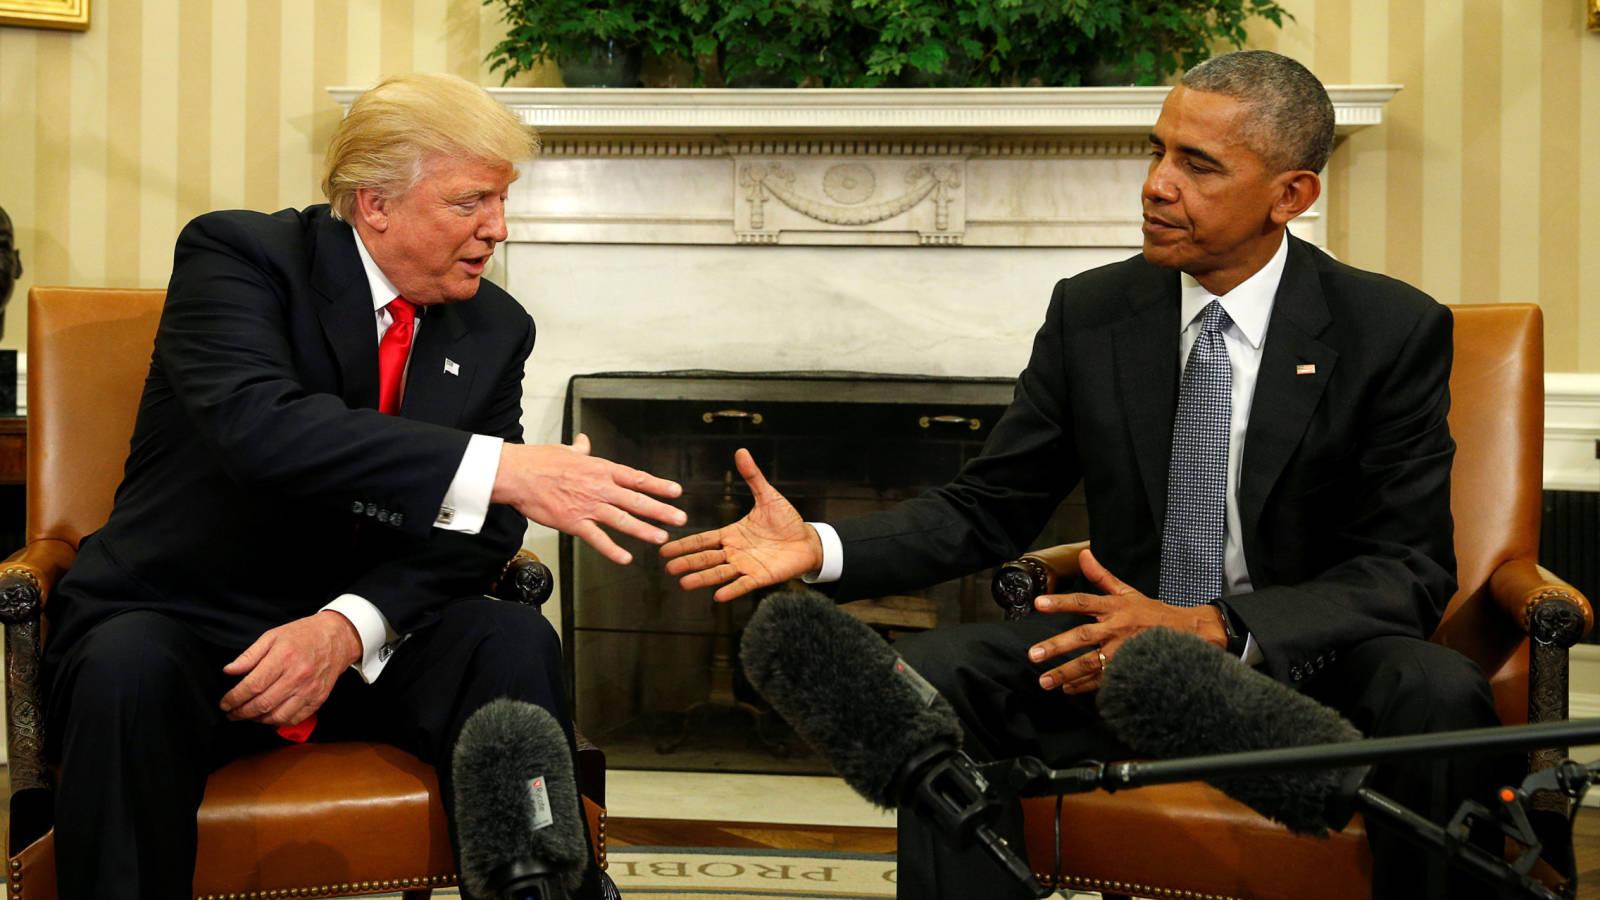 Foto: Donald Trump y Barack Obama durante su encuentro en la Casa Blanca. (Reuters)